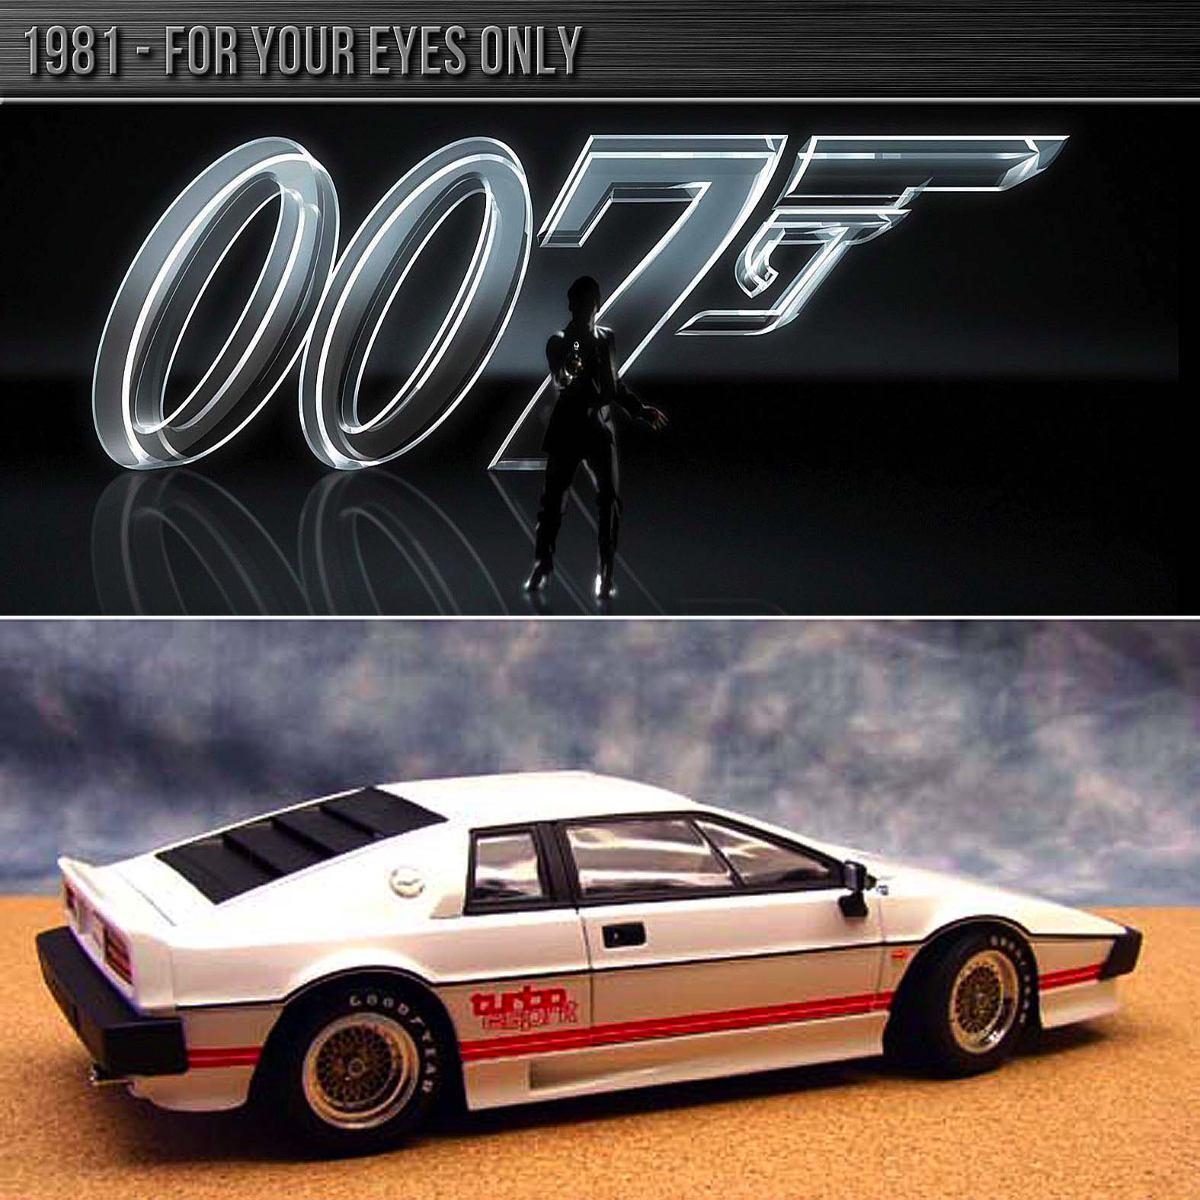 Colección Vehículos 007 James Bond Car Collection Nº 5 Citroën 2CV